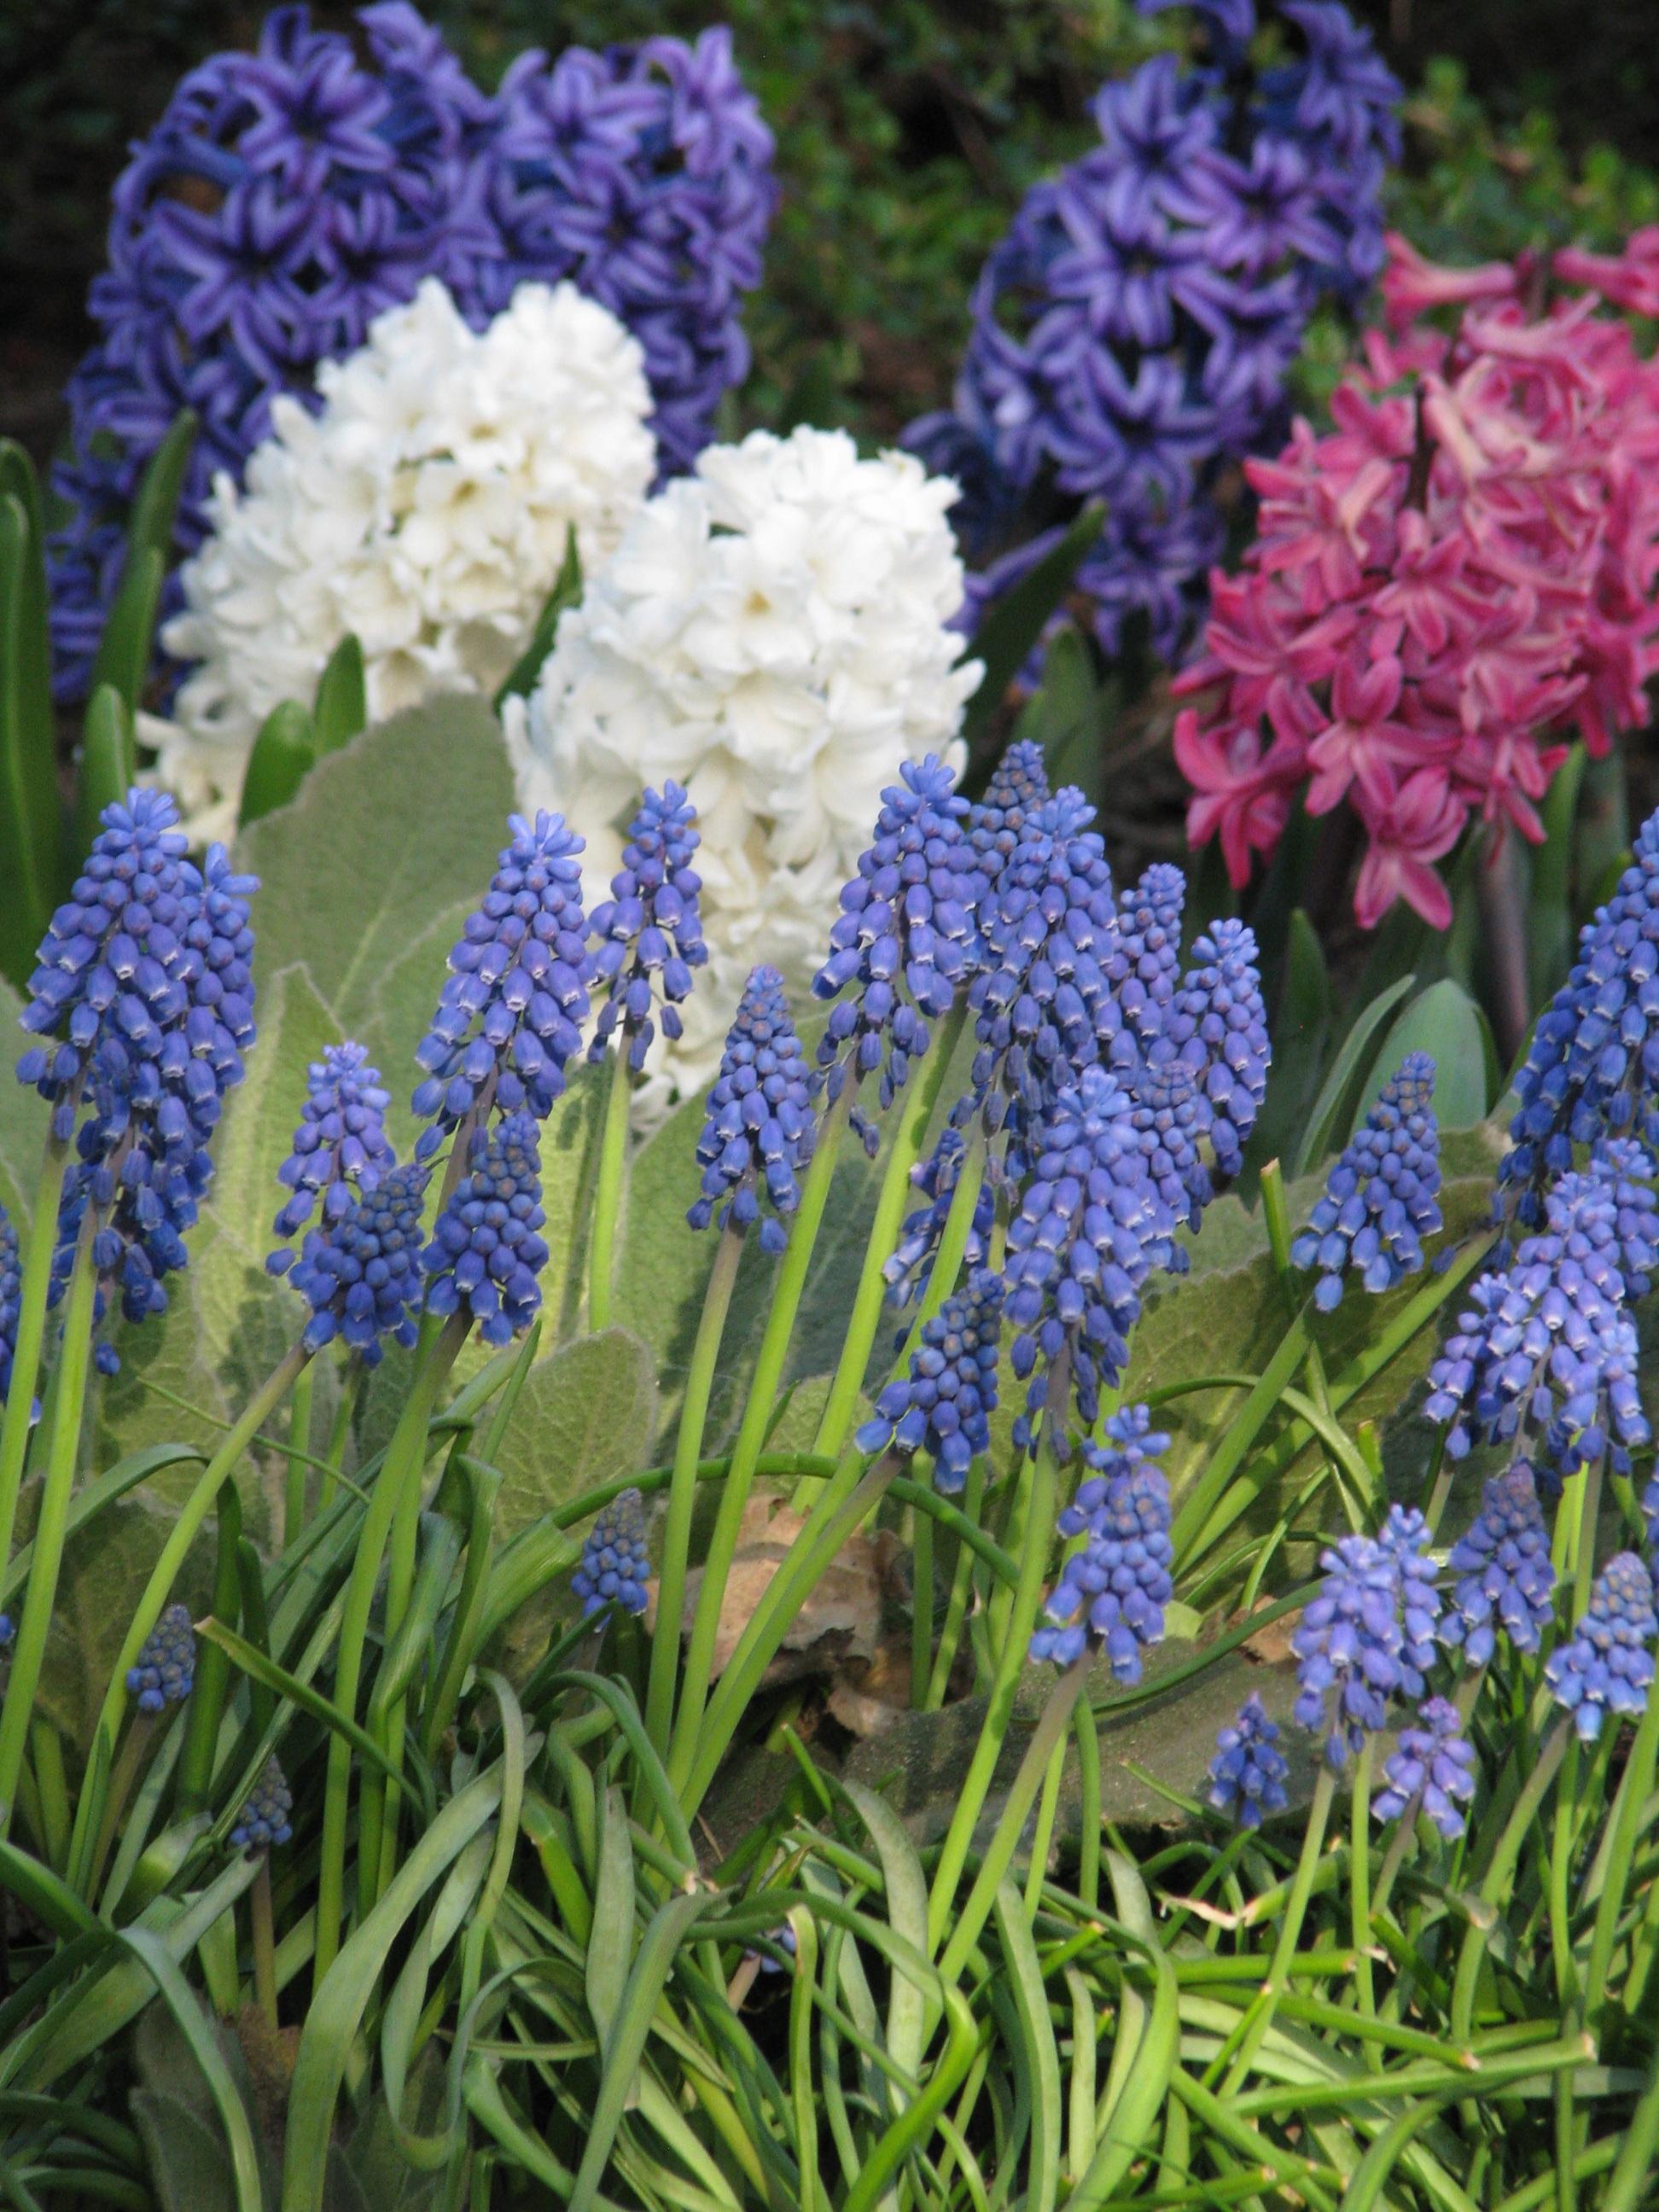 images gratuites fleur printemps botanique bleu color lavande ampoules saisonnier. Black Bedroom Furniture Sets. Home Design Ideas